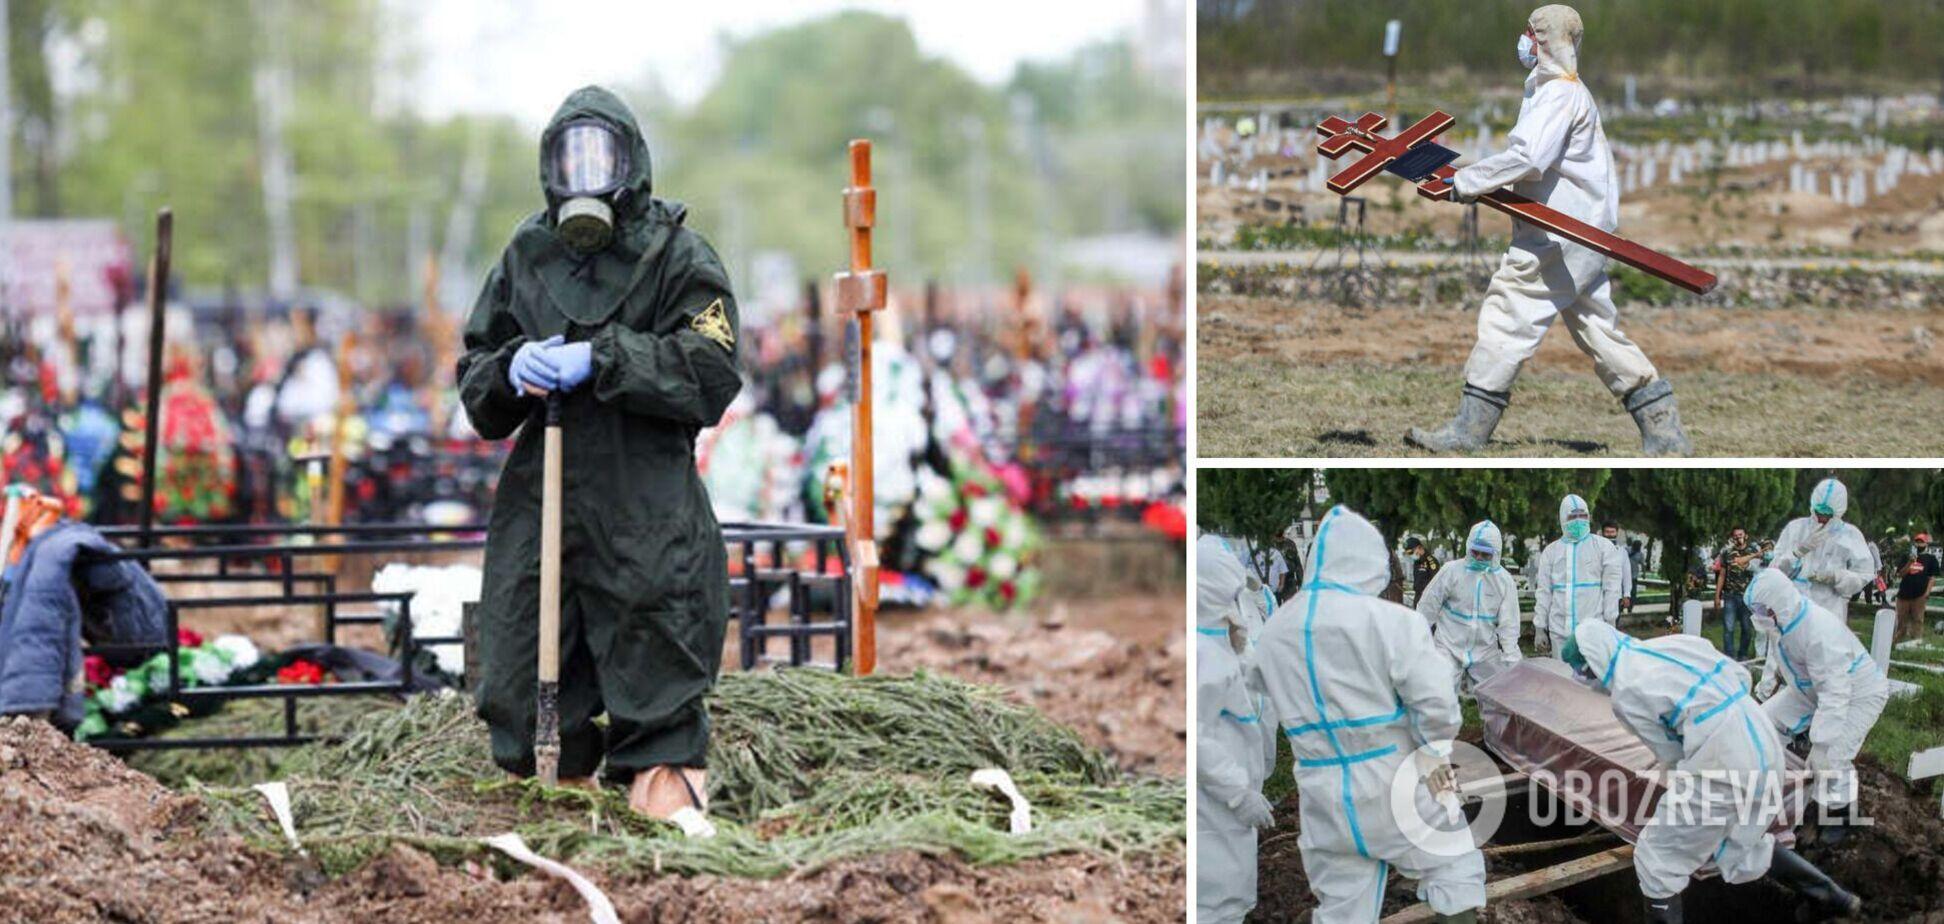 Особливі заходи безпеки на похоронах померлих від коронавірусу вже не потрібні